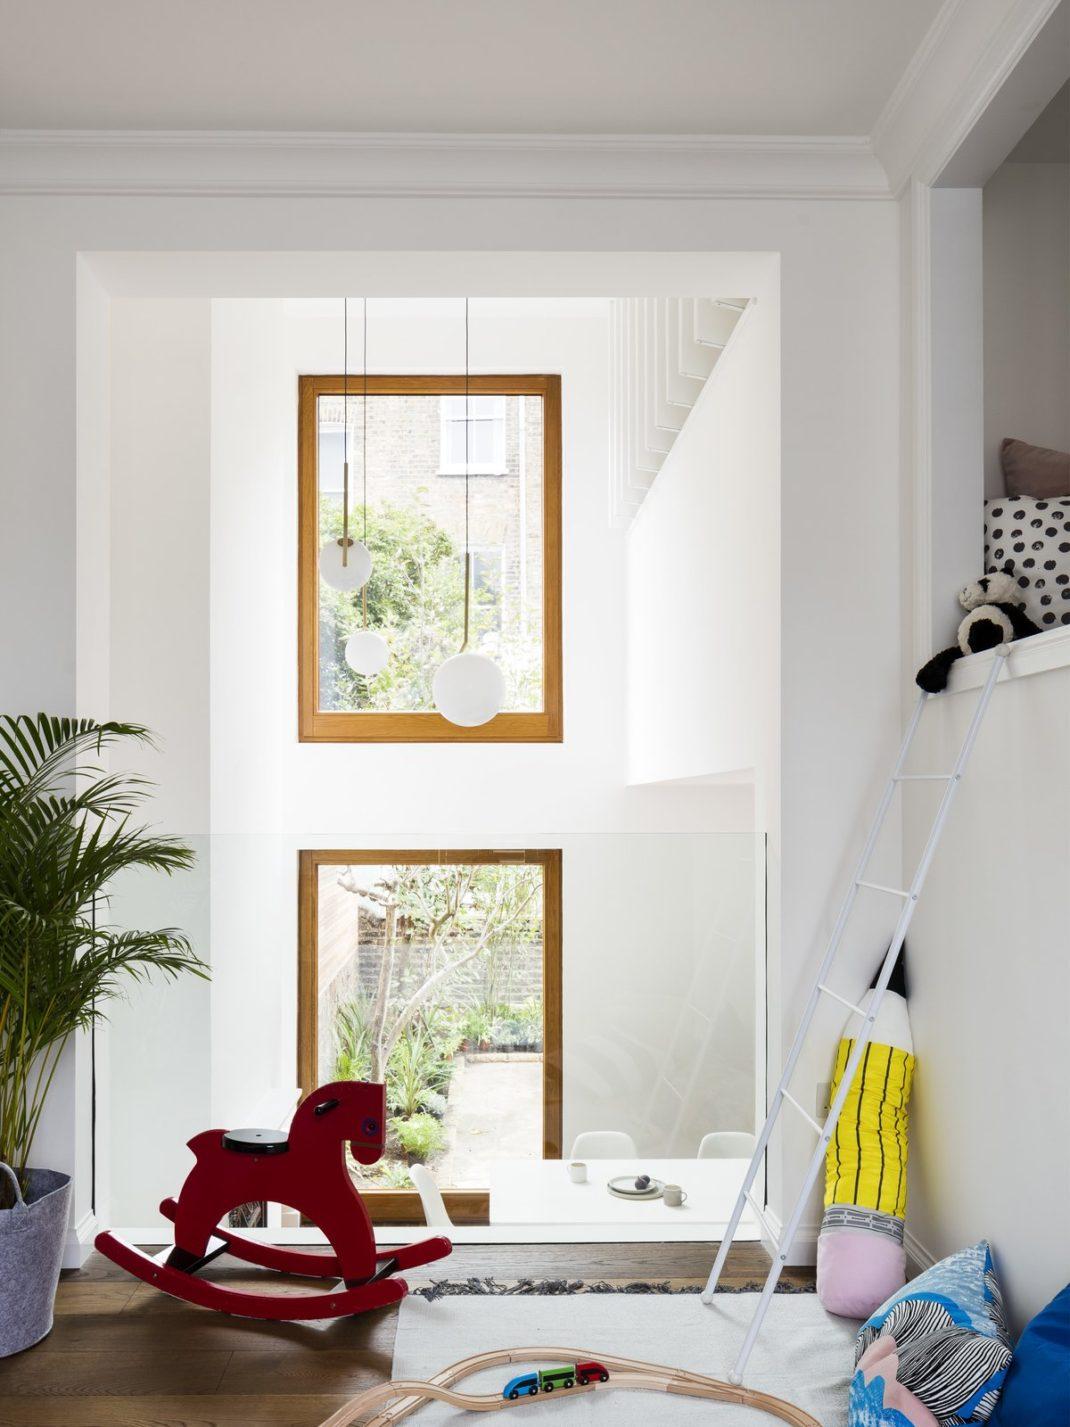 Amos Goldreich Architecture rénove une maison familiale londonienne